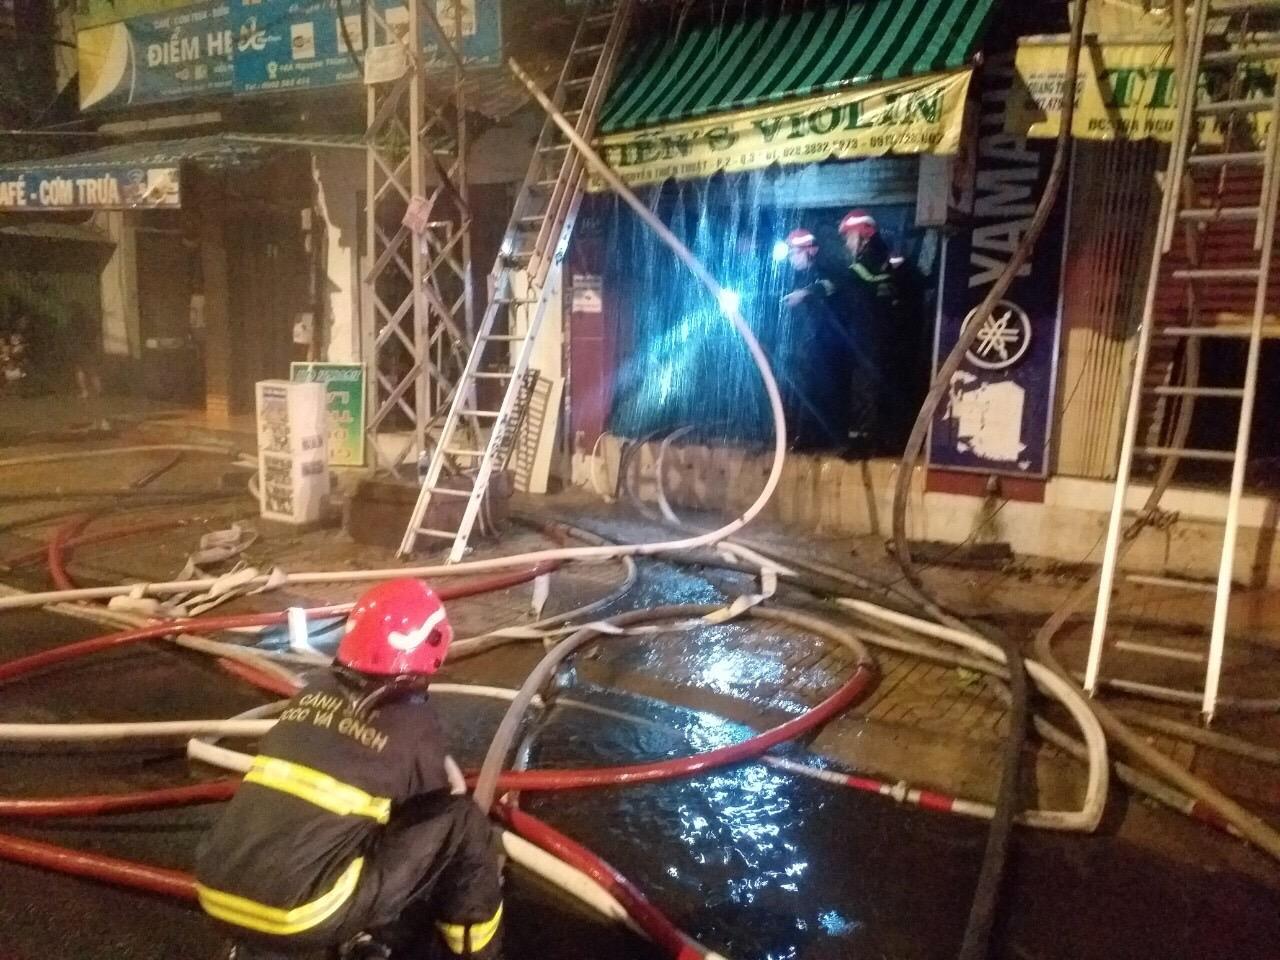 Cháy nhà trên đường Nguyễn Thiện Thuật, TP HCM: Hai người đã tử vong - Ảnh 1.